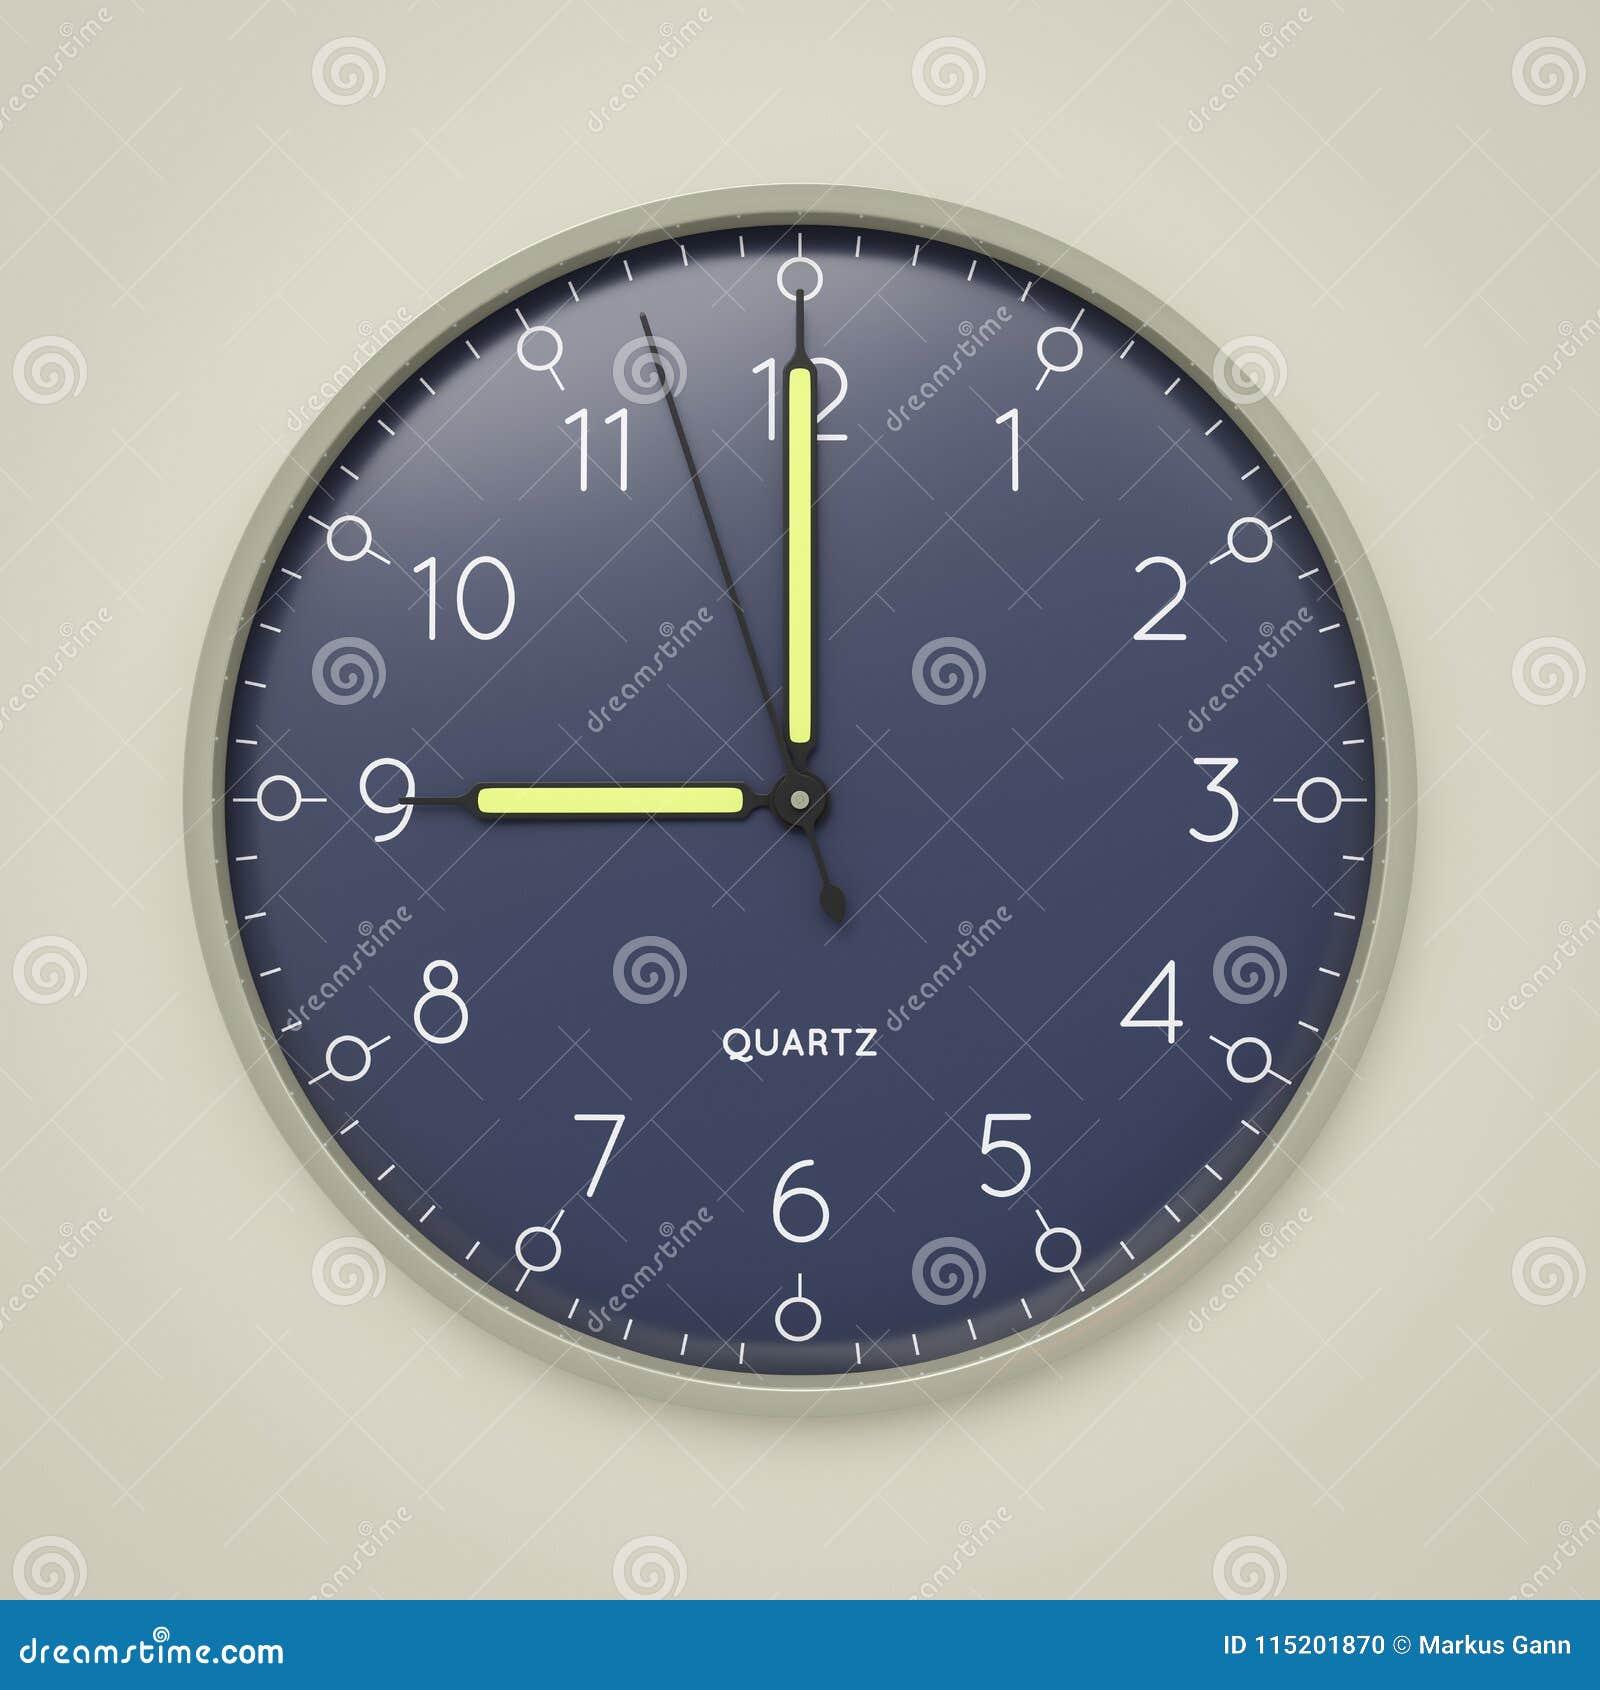 a clock shows 9 o  clock